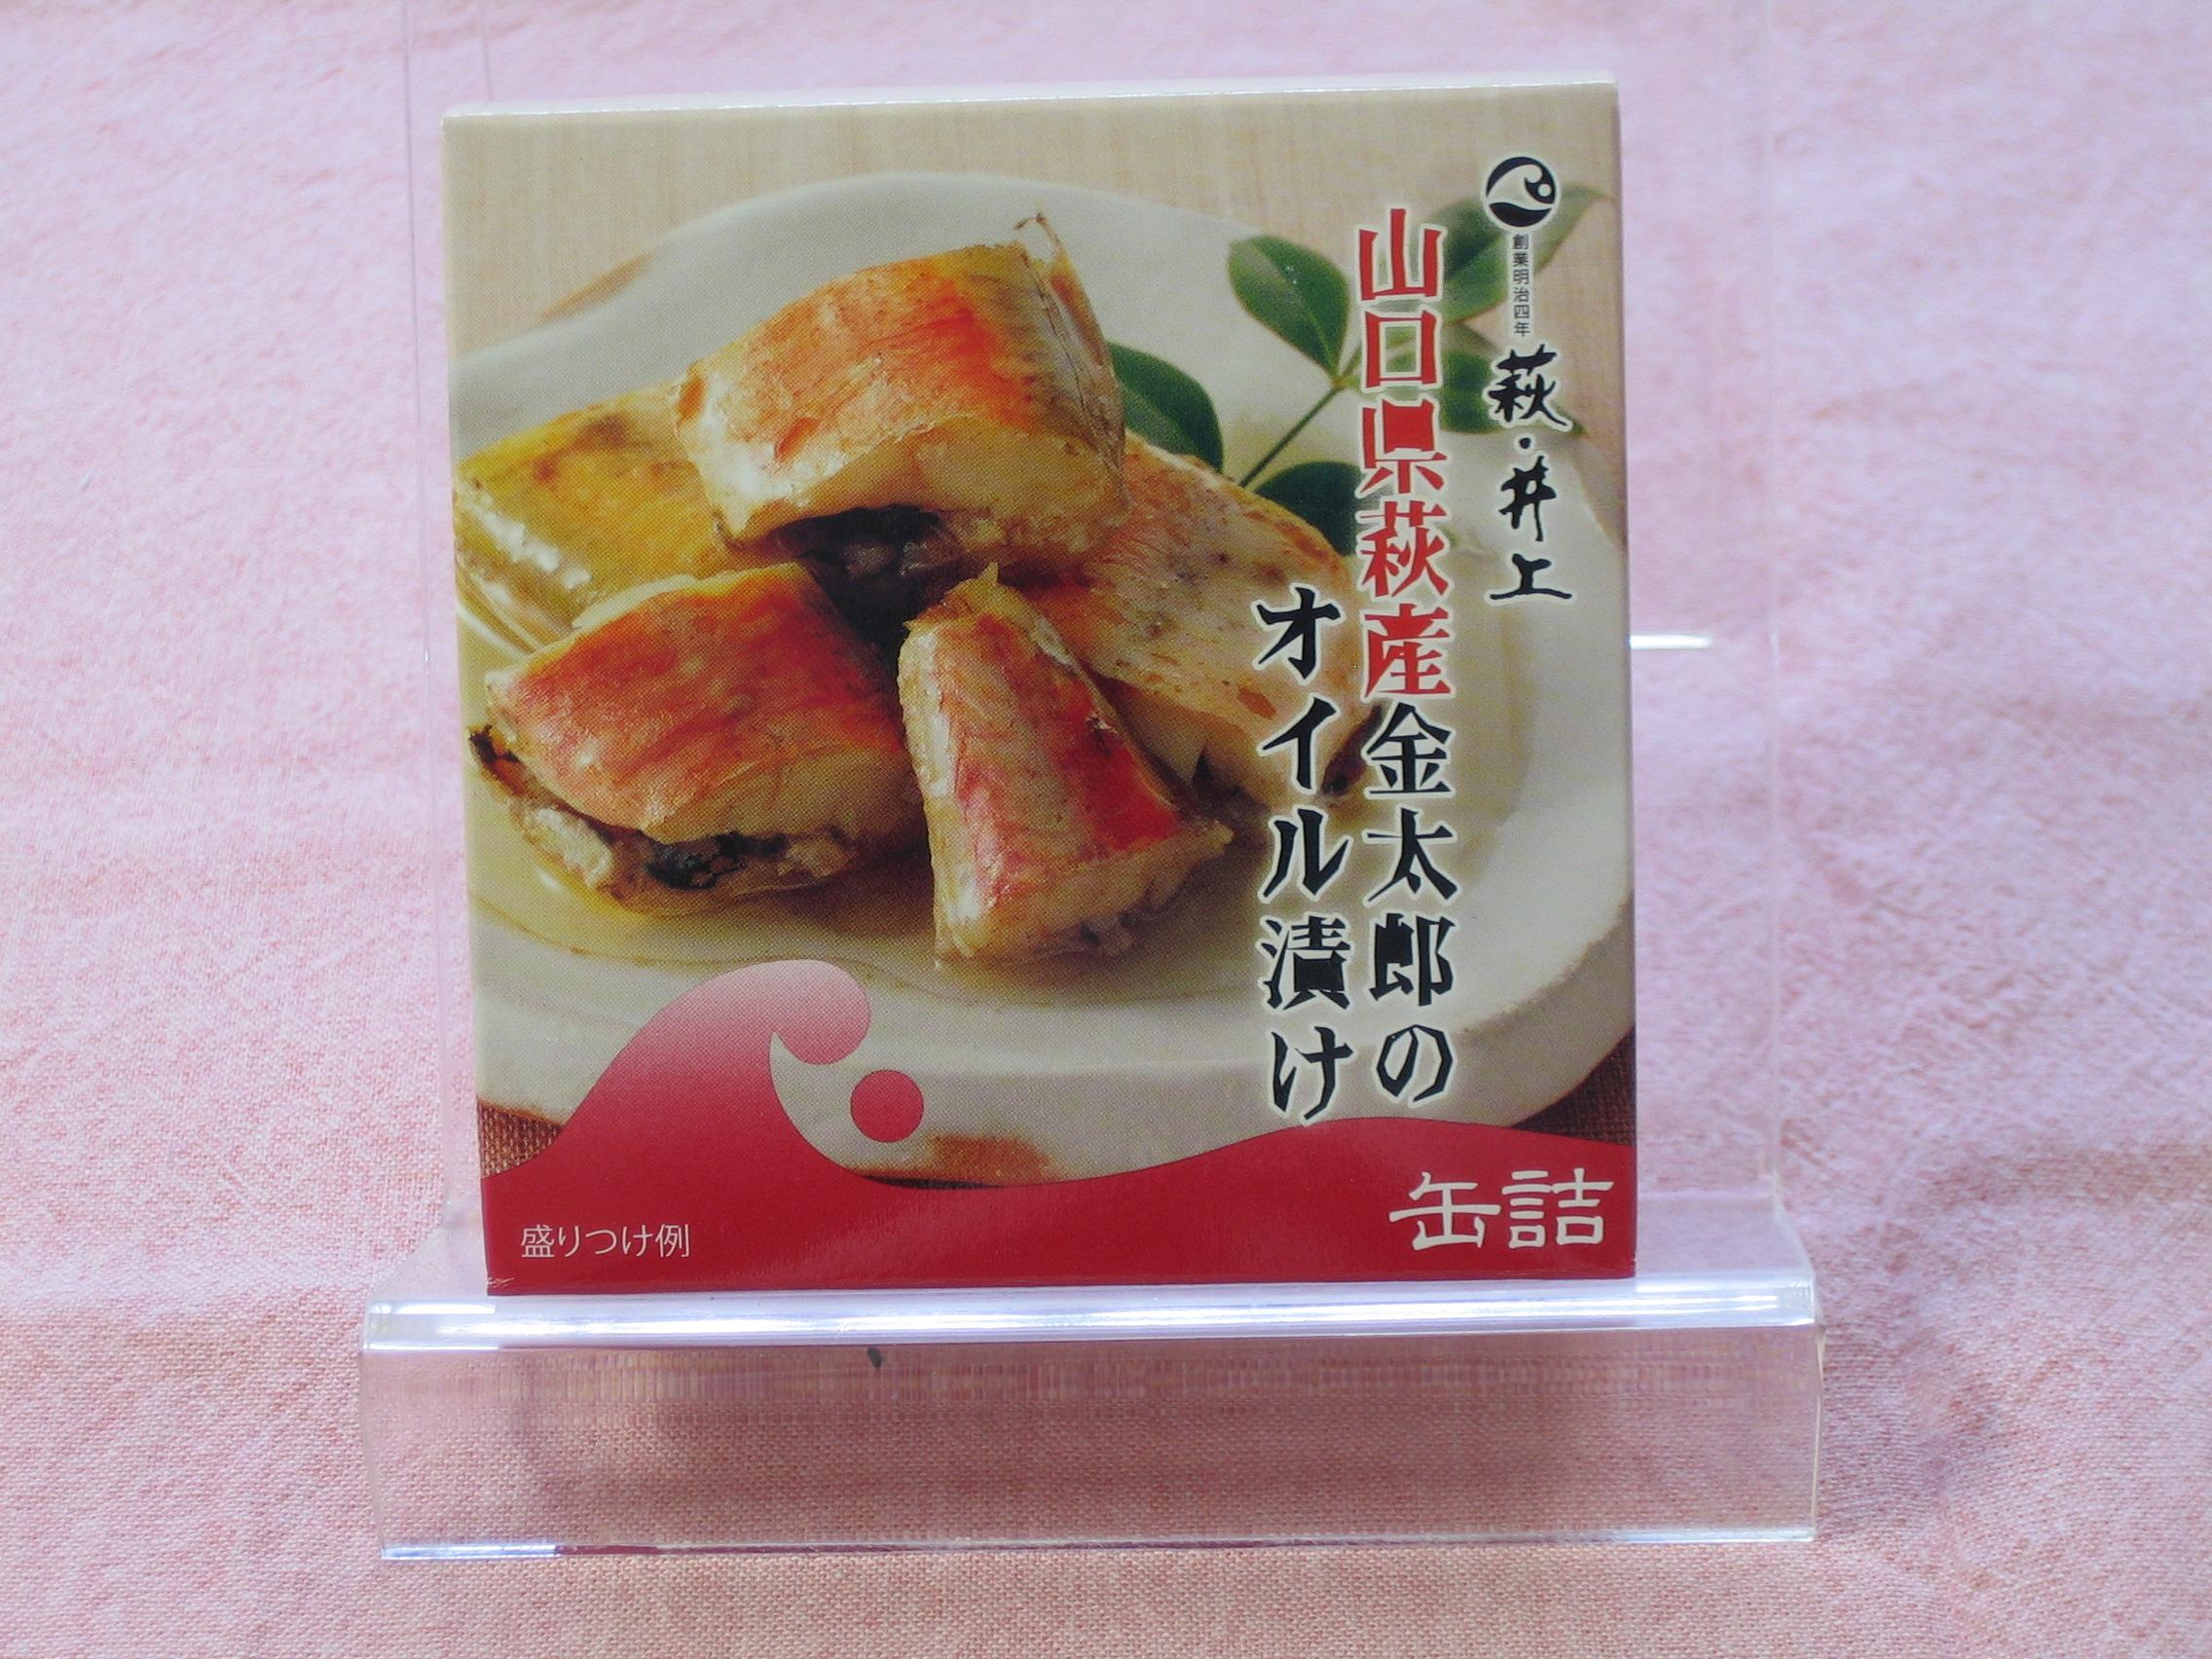 山口県萩産金太郎のオイル漬け01